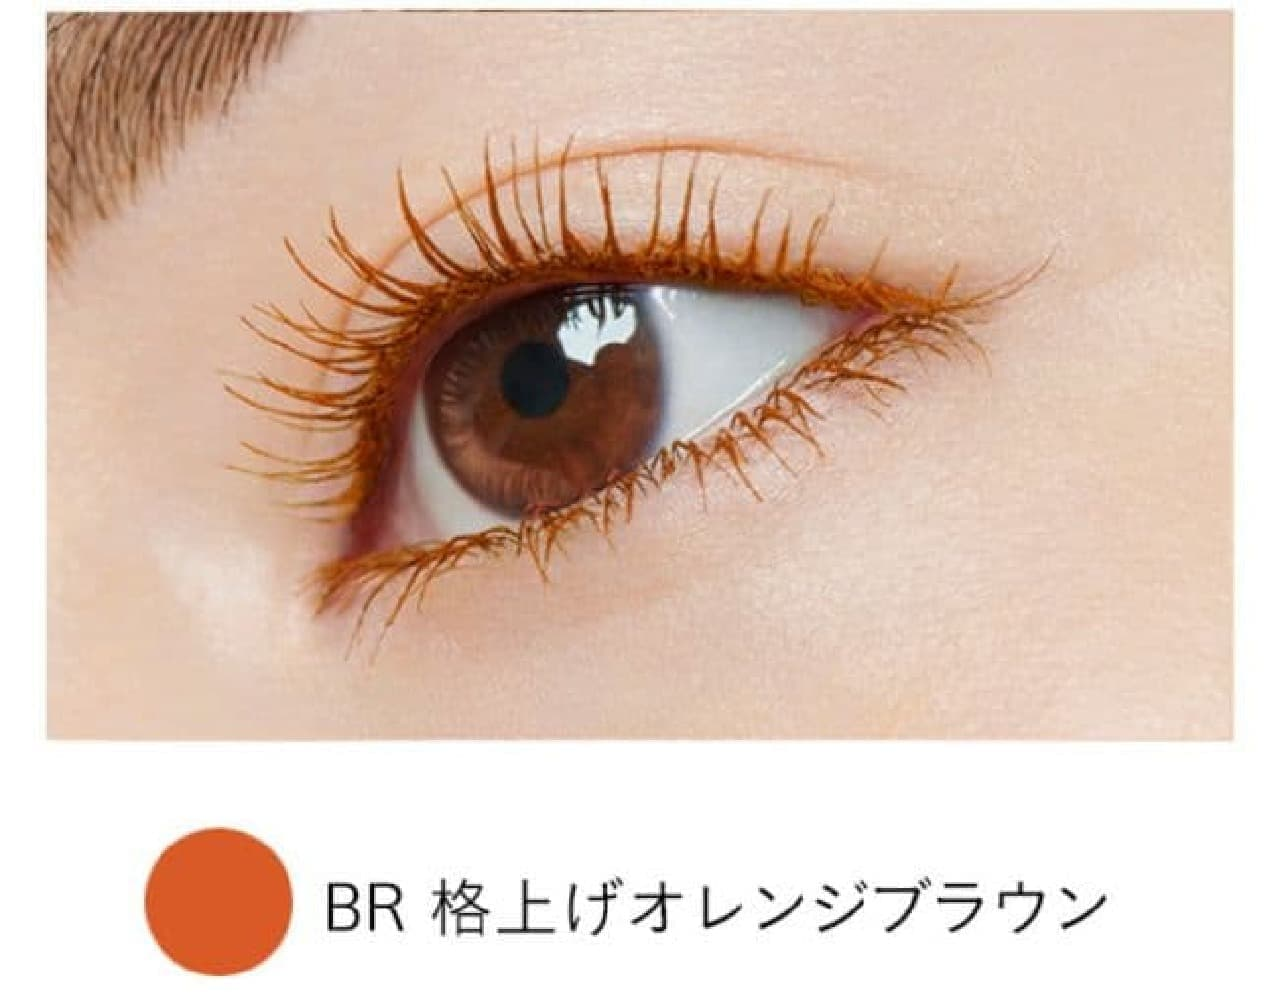 「パラドゥ スタイリングマスカラ」の限定色「BR 格上げオレンジブラウン」